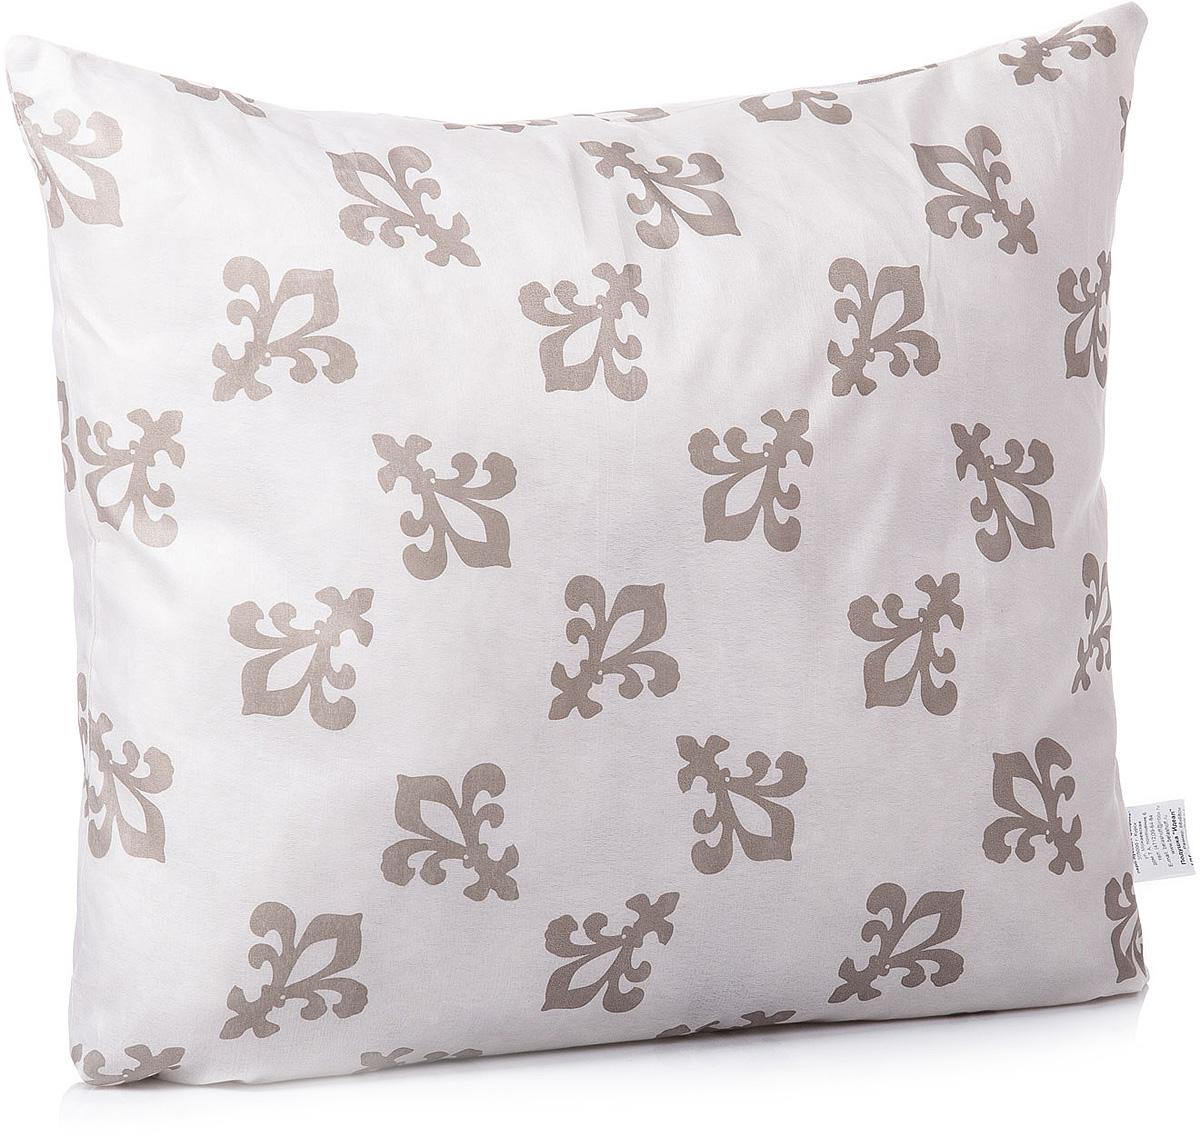 Подушка Тихий час Идеал, цвет: бежевый, белый, горичневый, 68 х 68 смТЧХ 1-1Коллекция синтетических подушек и одеял Идеал отличает высокое качество изделия при оптимальной цене. Наполнитель синтетических одеял и подушек коллекции Идеал — полое силиконизированное волокно, которое на сегодняшний день является самым популярным и экологически чистым наполнителем.Лёгкие в уходе и гигиеничные, эти изделия привлекают длительной износостойкостью и невысокой ценой. Подушки и одеяла Идеал гипоаллергенны. Изделие легко в уходе, возможна бережная стирка.